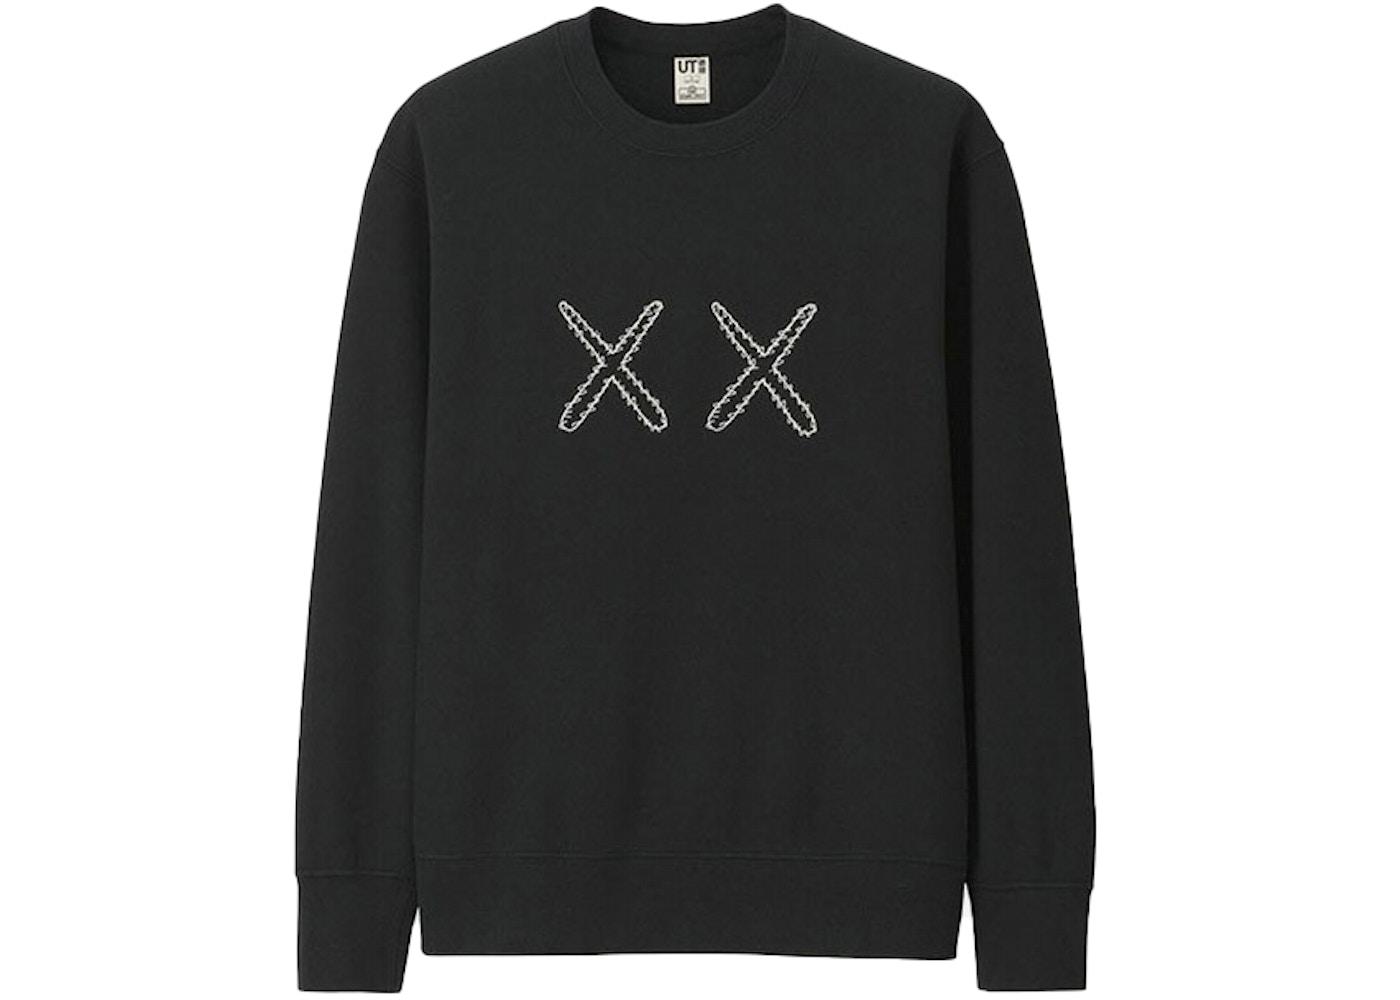 88f1f211877 Sell. or Ask. Size L. View All Bids. KAWS x Uniqlo x Sesame Street XX  Sweatshirt ...